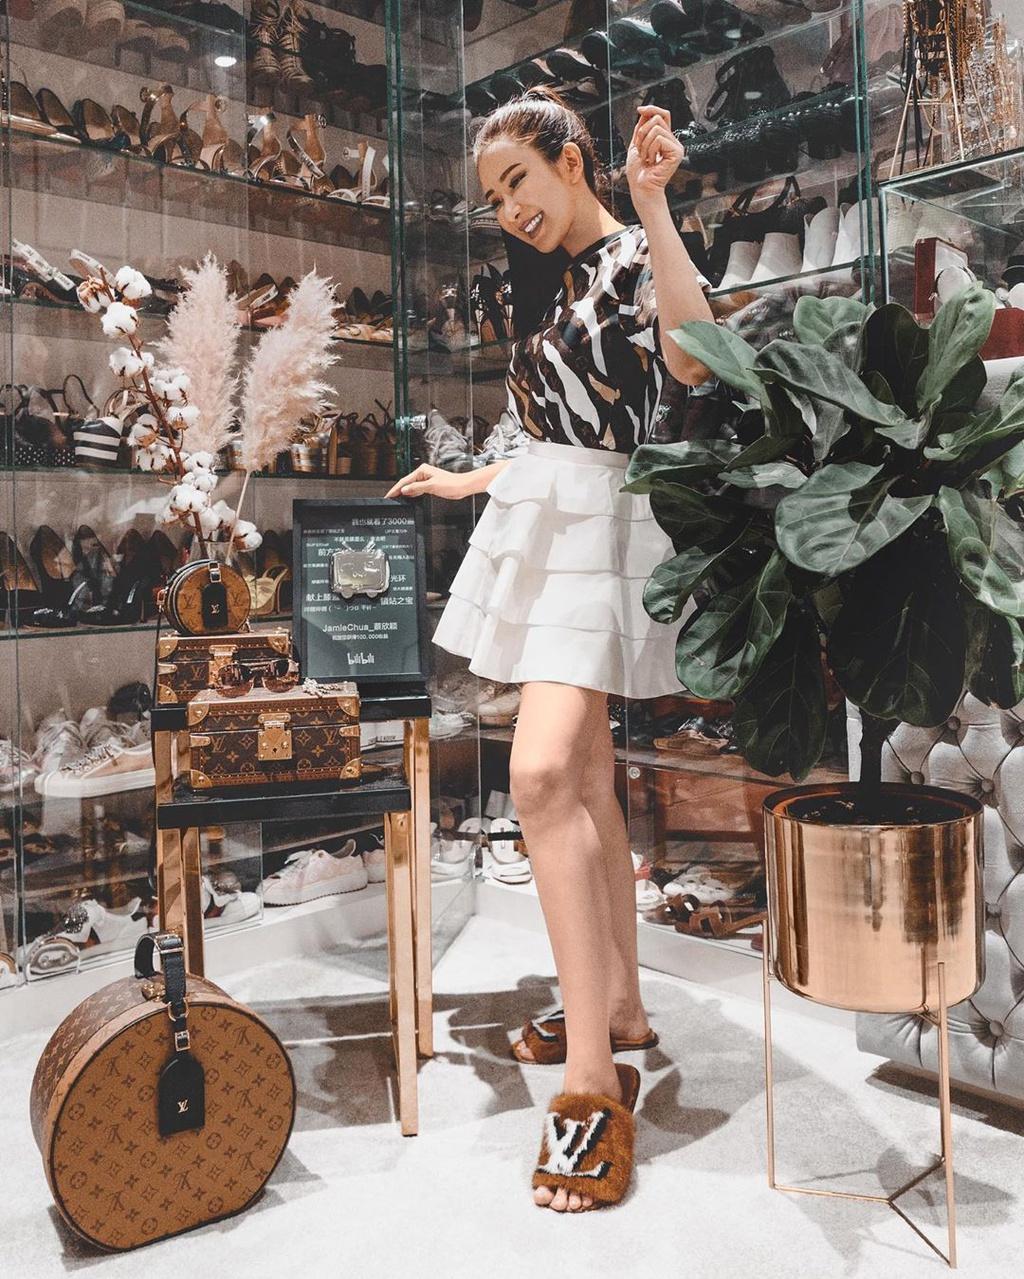 """Nghe 6 tips chăm sóc đồ hiệu từ """"Nữ hoàng Hermès"""" Singapore, dù tốn trăm tỷ mua đồ cũng không cần mất 1 đồng thuê chuyên gia chăm sóc - Ảnh 4."""